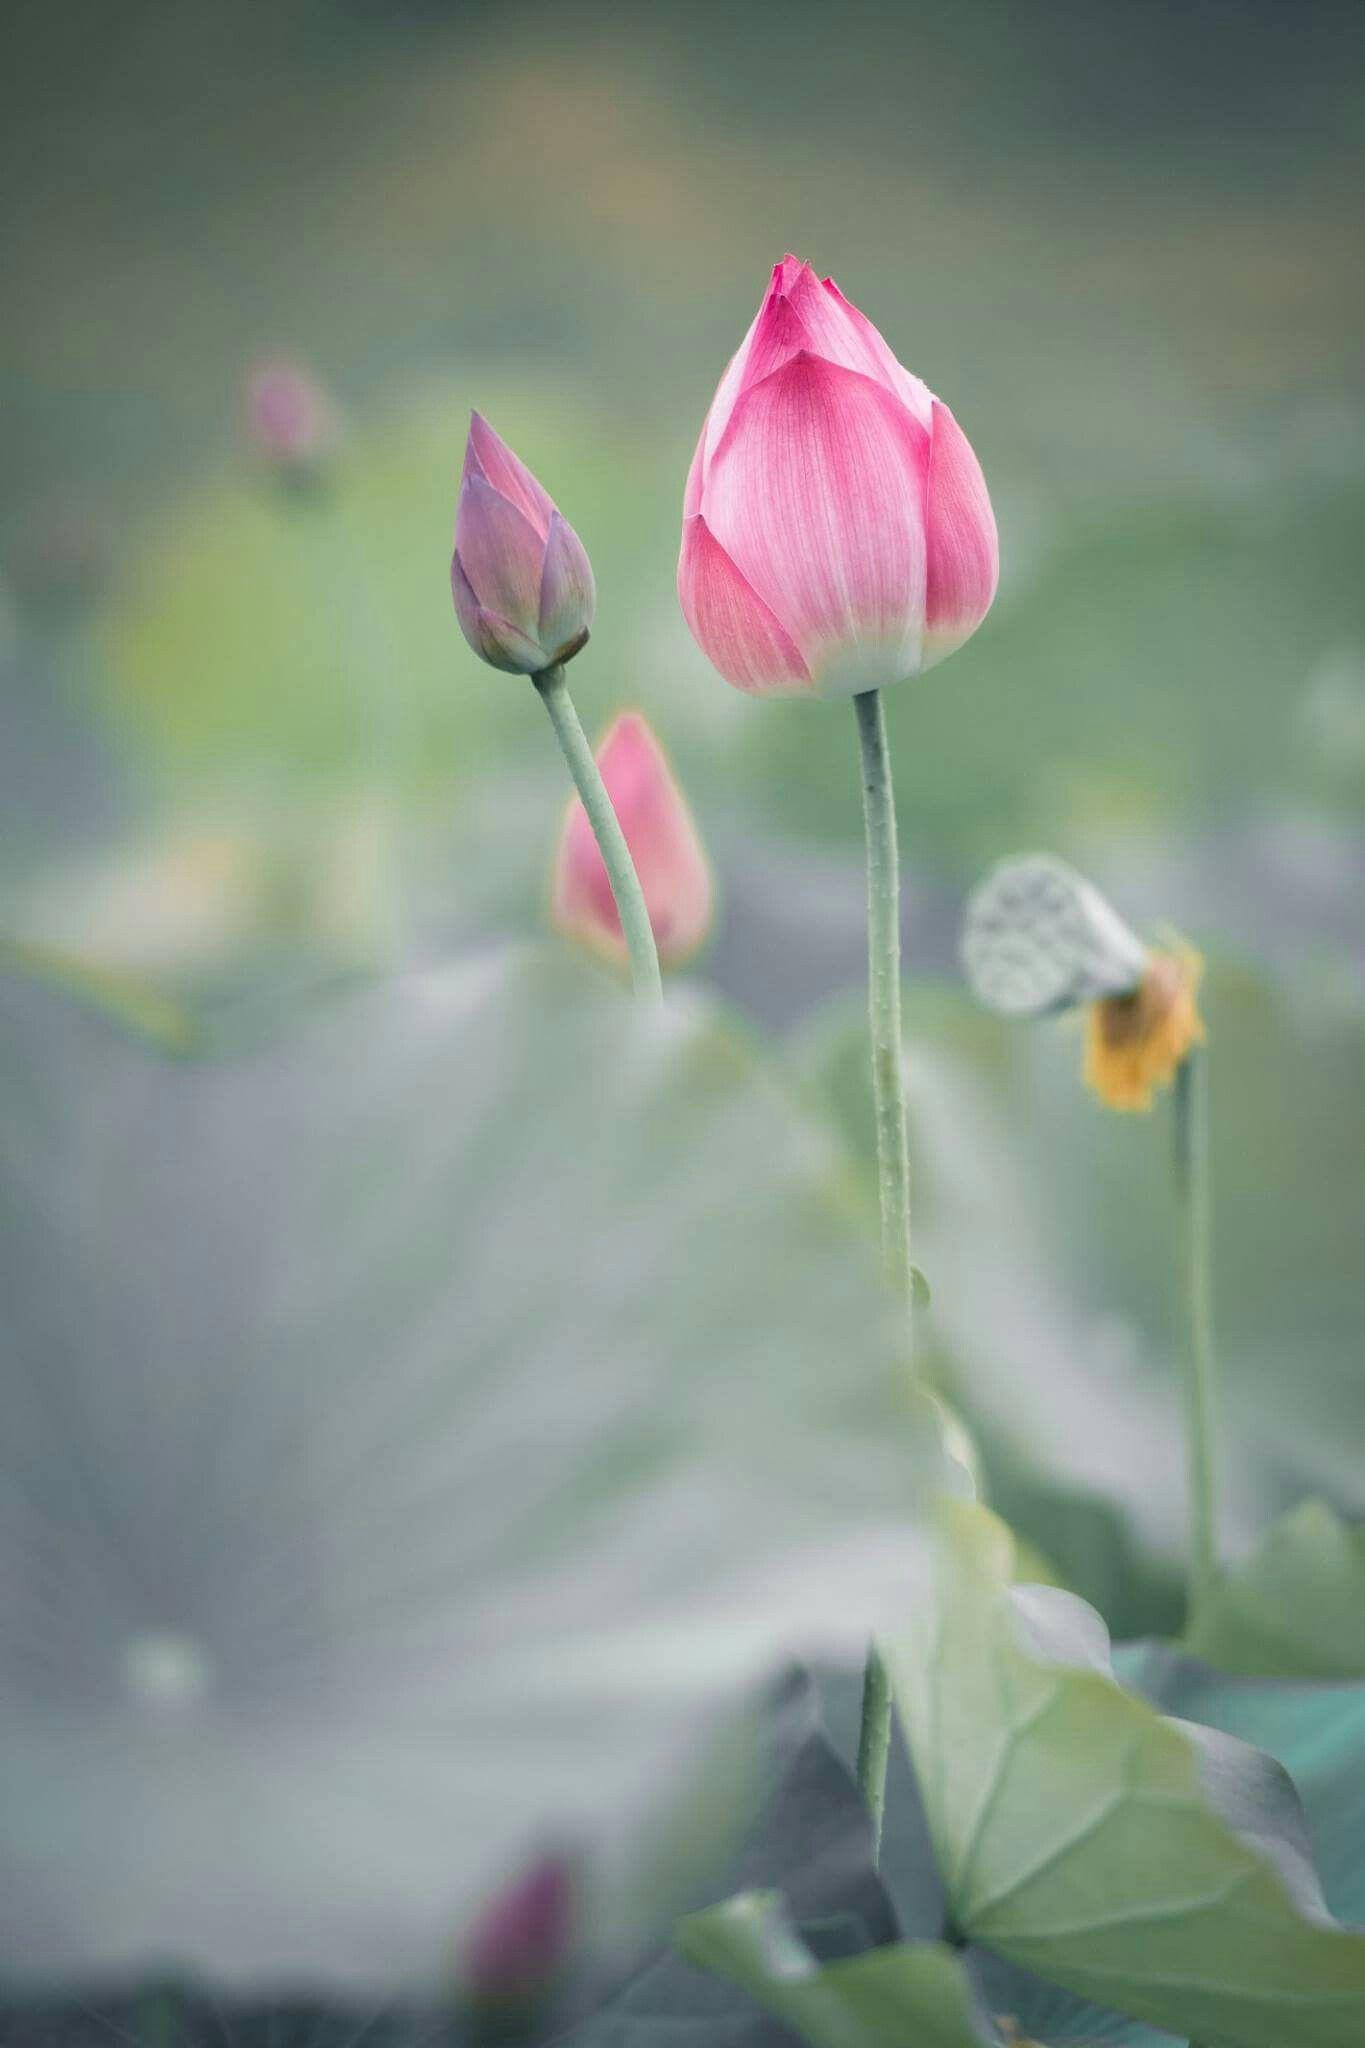 World Flora And FaunaLotus Flower Beautiful Flowers Nature Lotus Flower SymbolismLotus Flower ArtLotus PlantLotus Garden